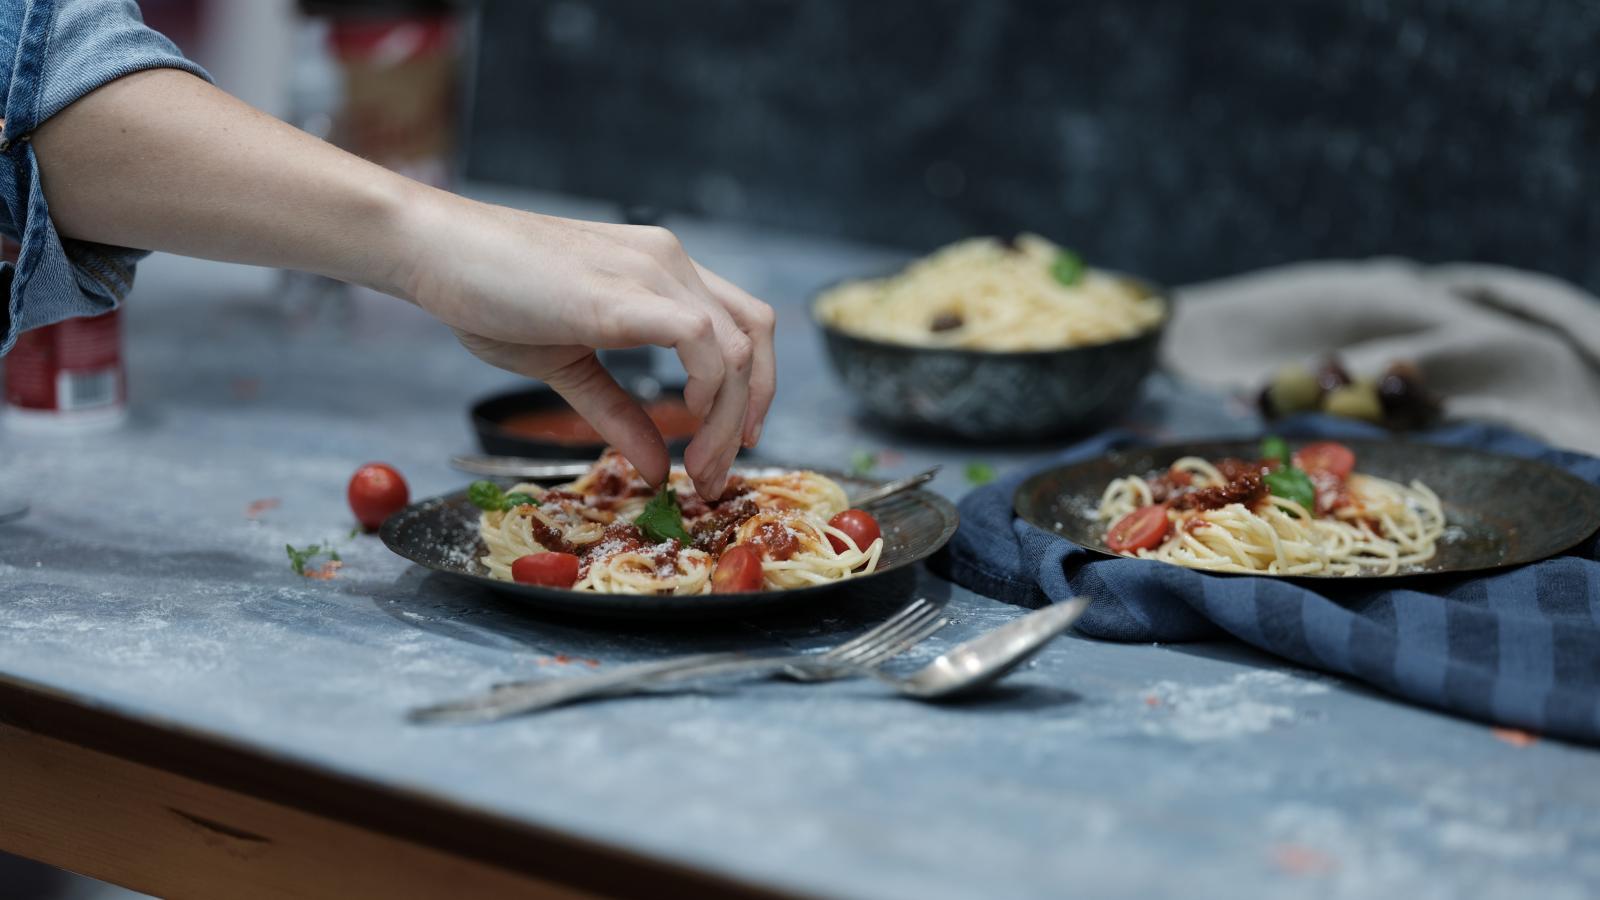 Jeste li znali da u SPAR i INTERSPAR trgovinama možete uz Fusille pronaći Penne i Spaghette bez glutena i da 2. veljače imaju popust na sve SPAR Free from proizvode?